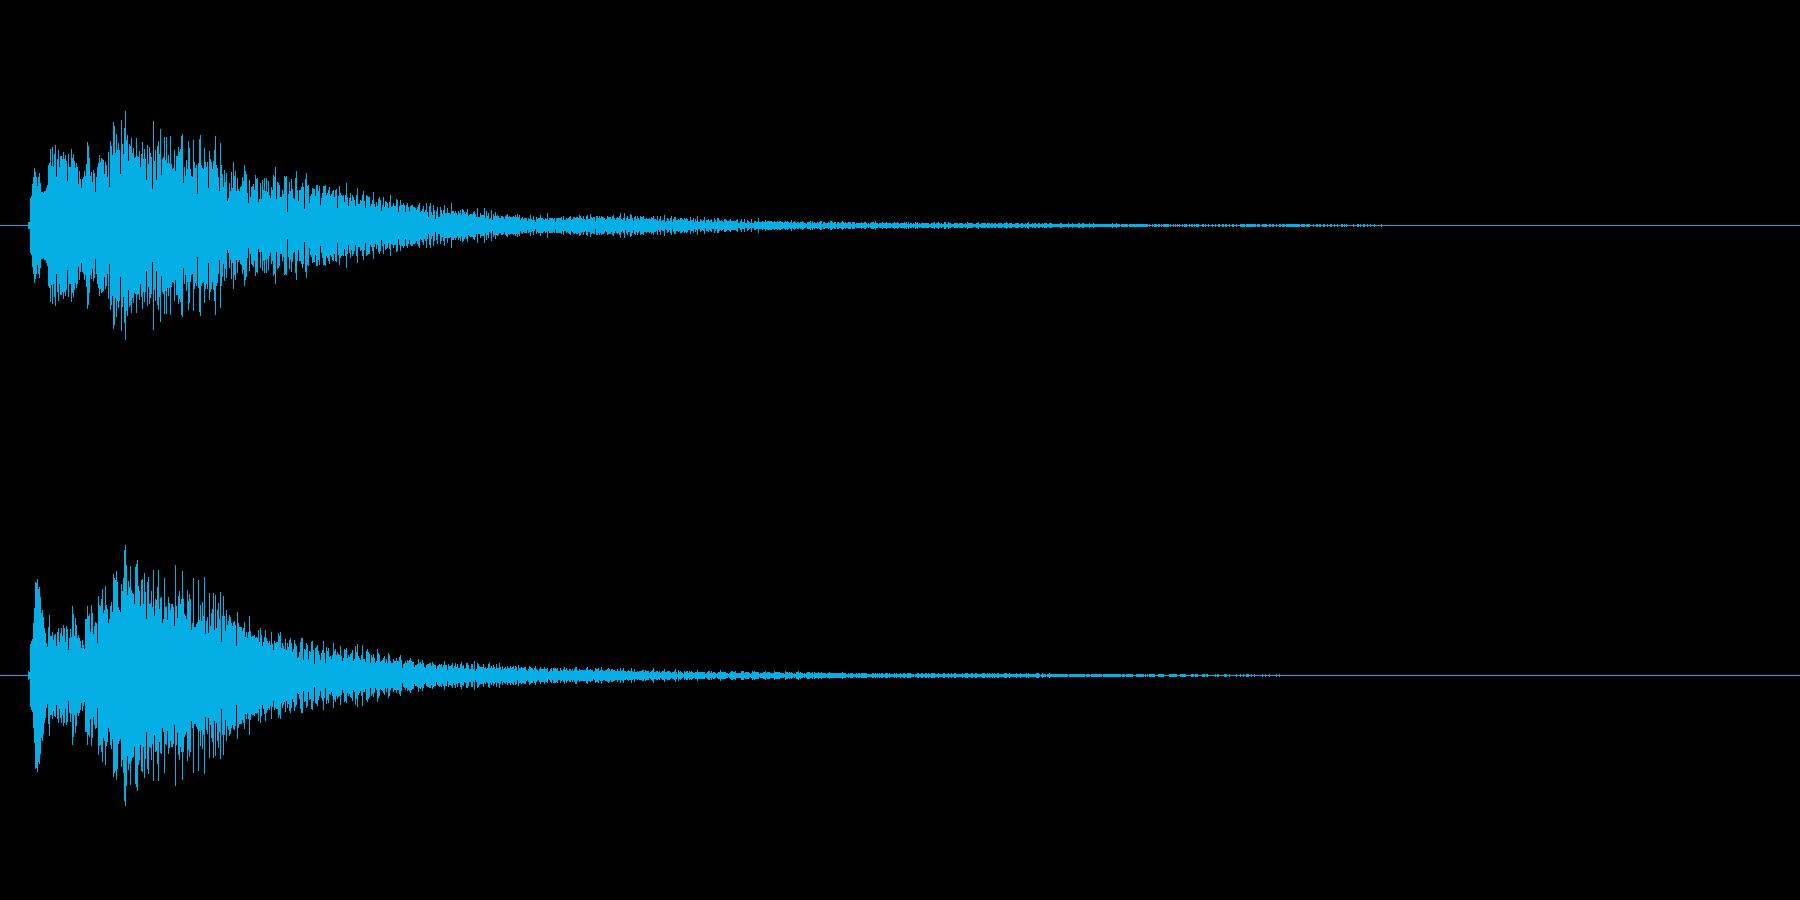 琴、平調子、下降スケールジングルの再生済みの波形